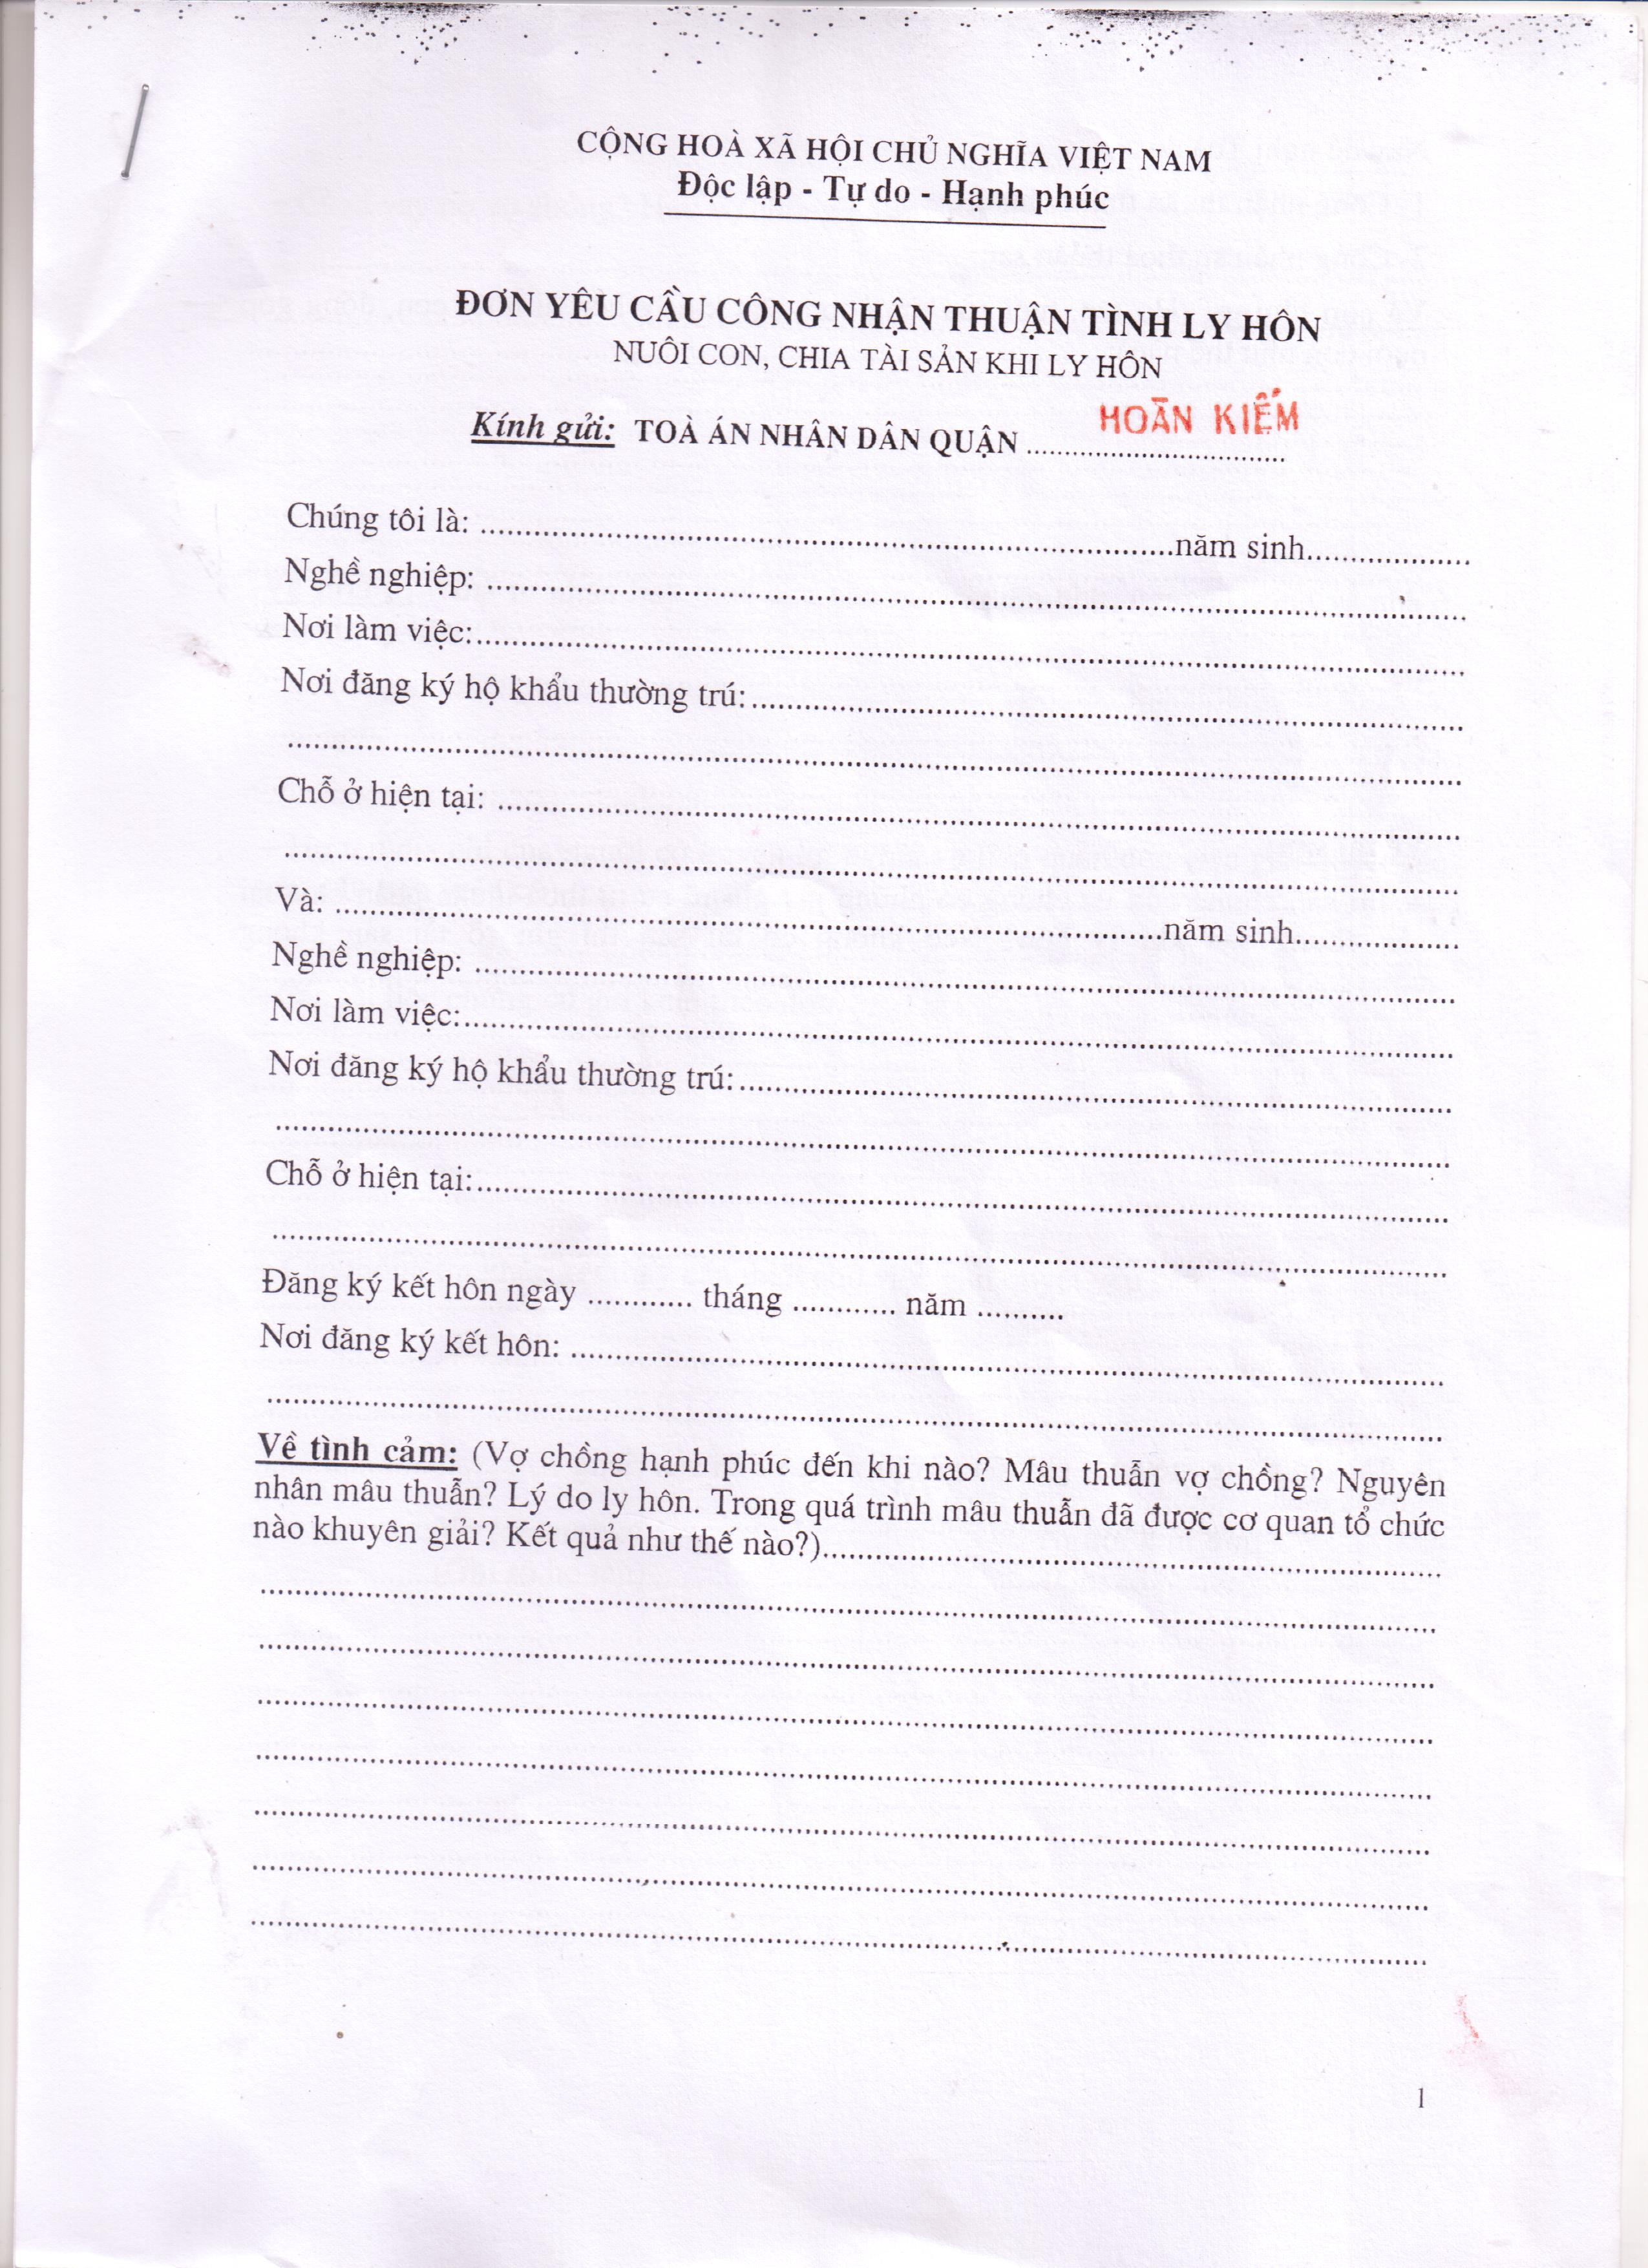 mẫu đơn thuận tình ly hôn